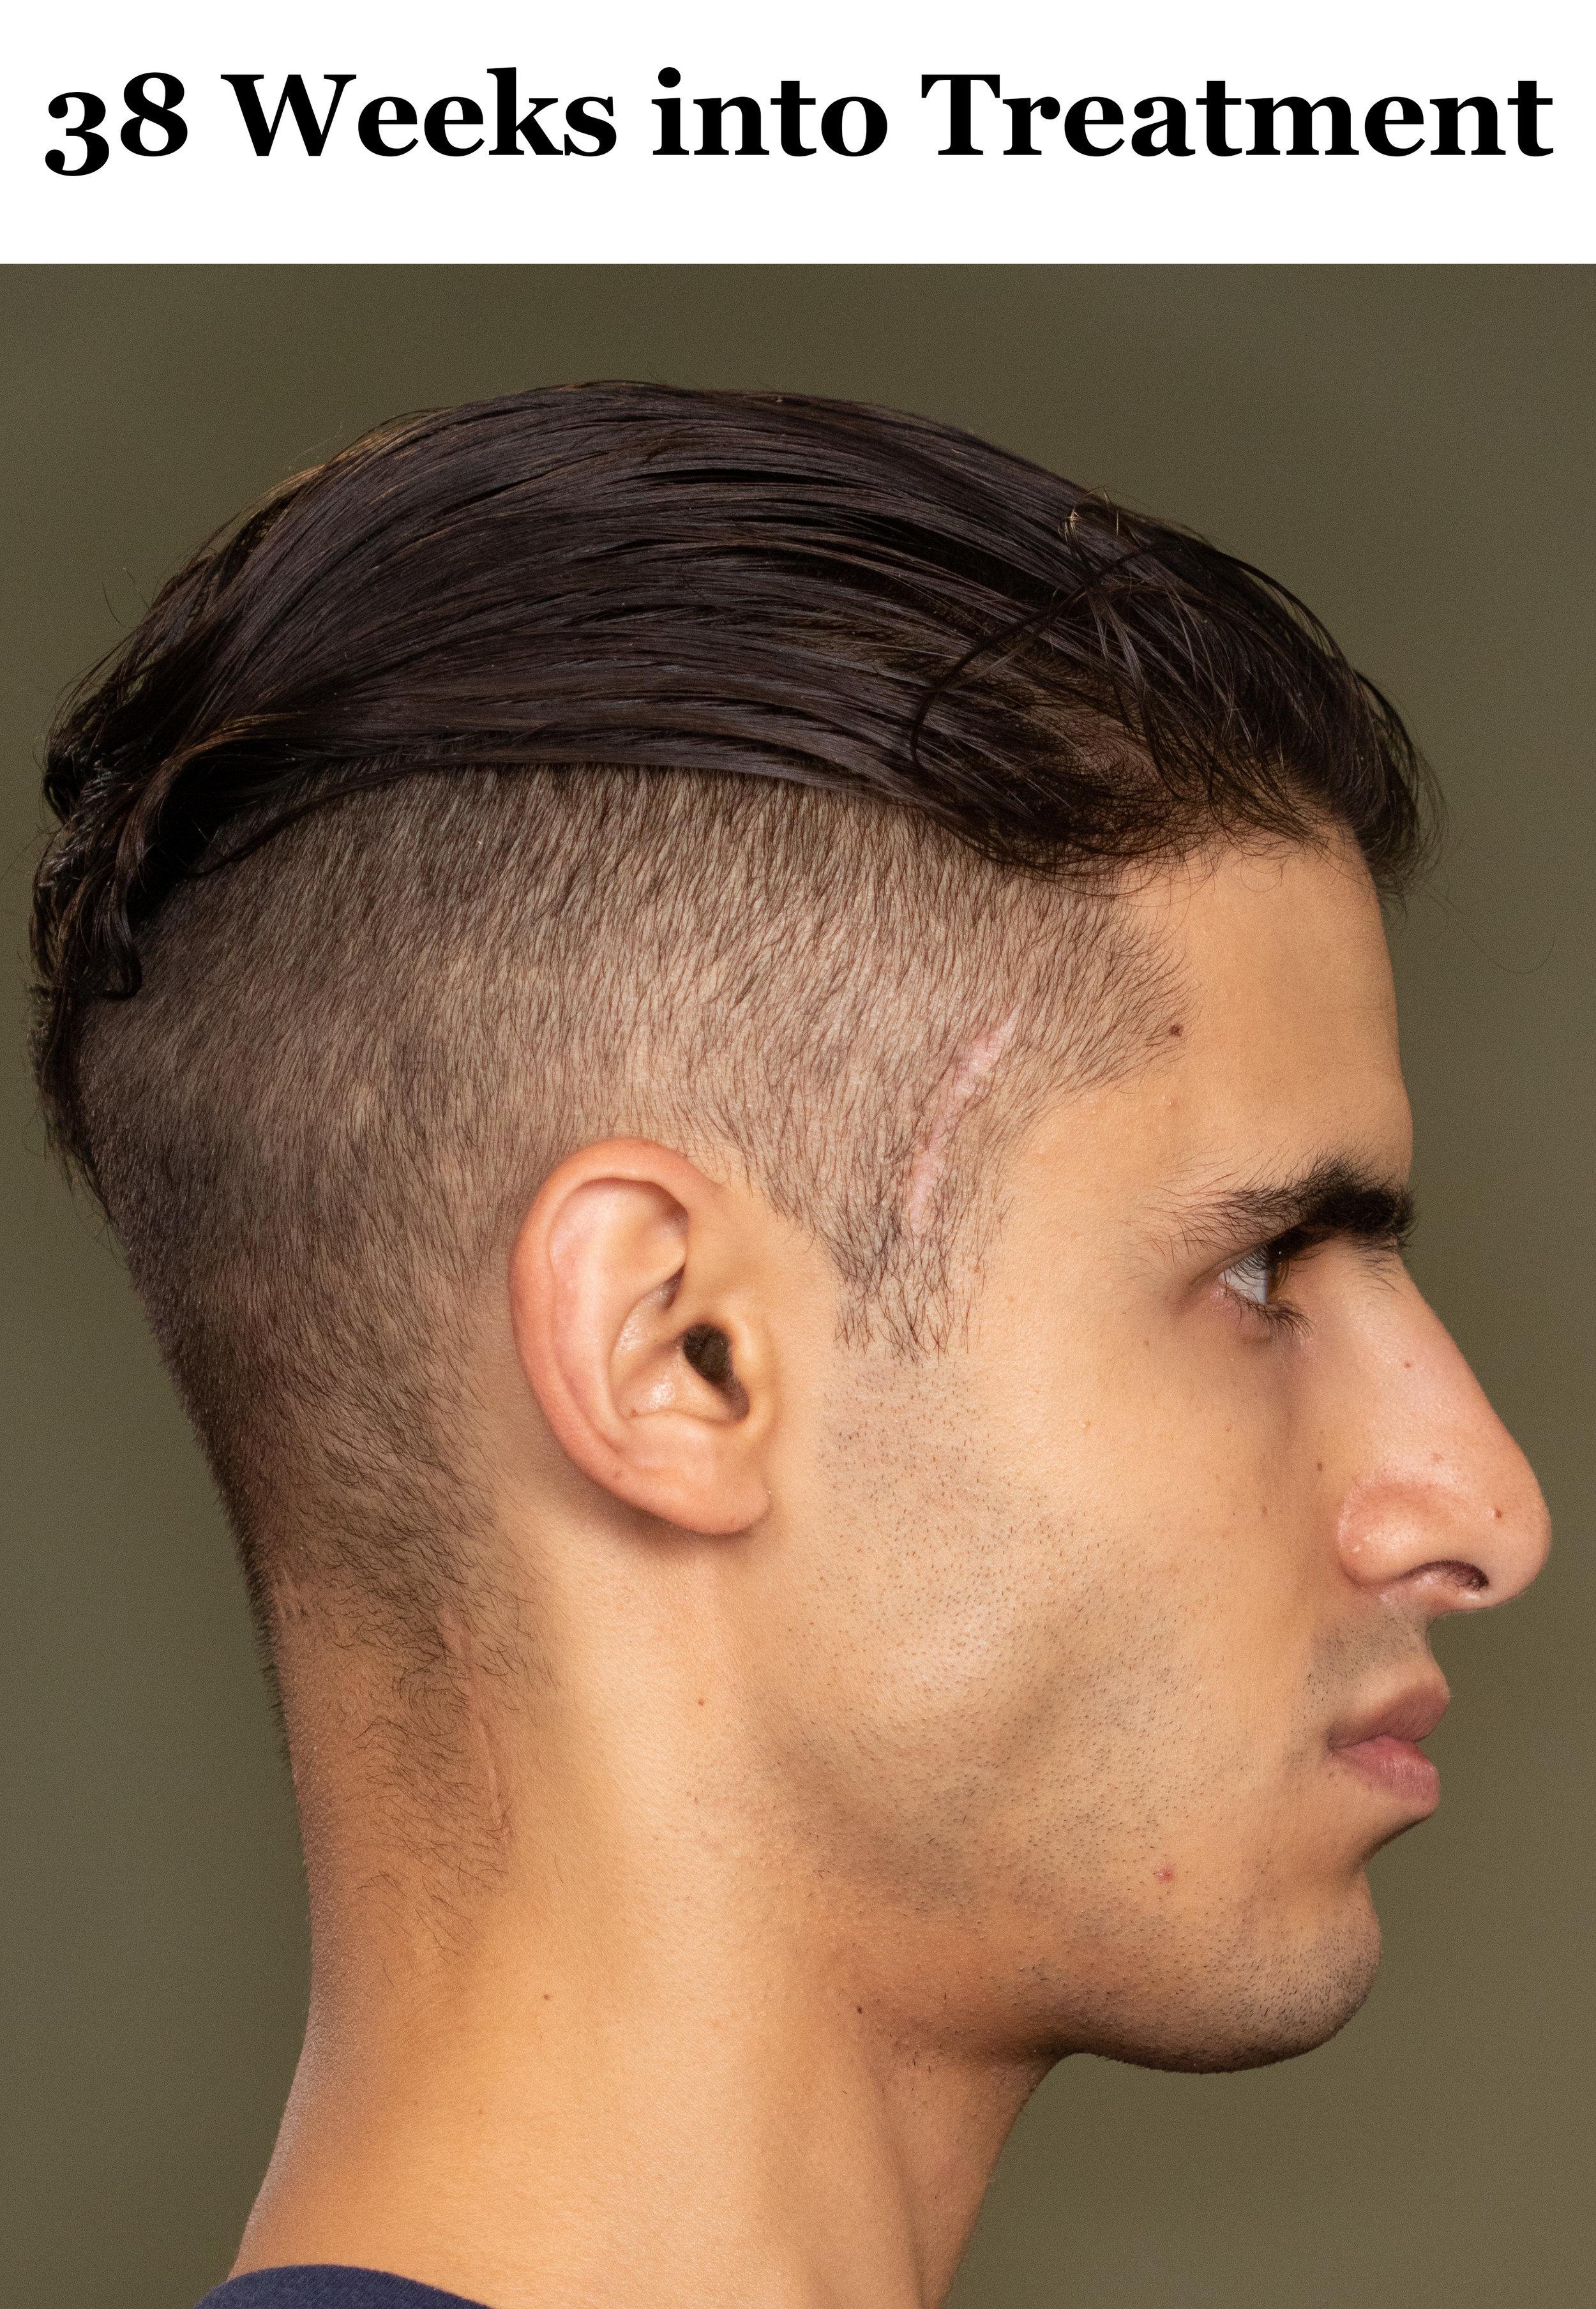 38 Weeks Side Profile.jpg